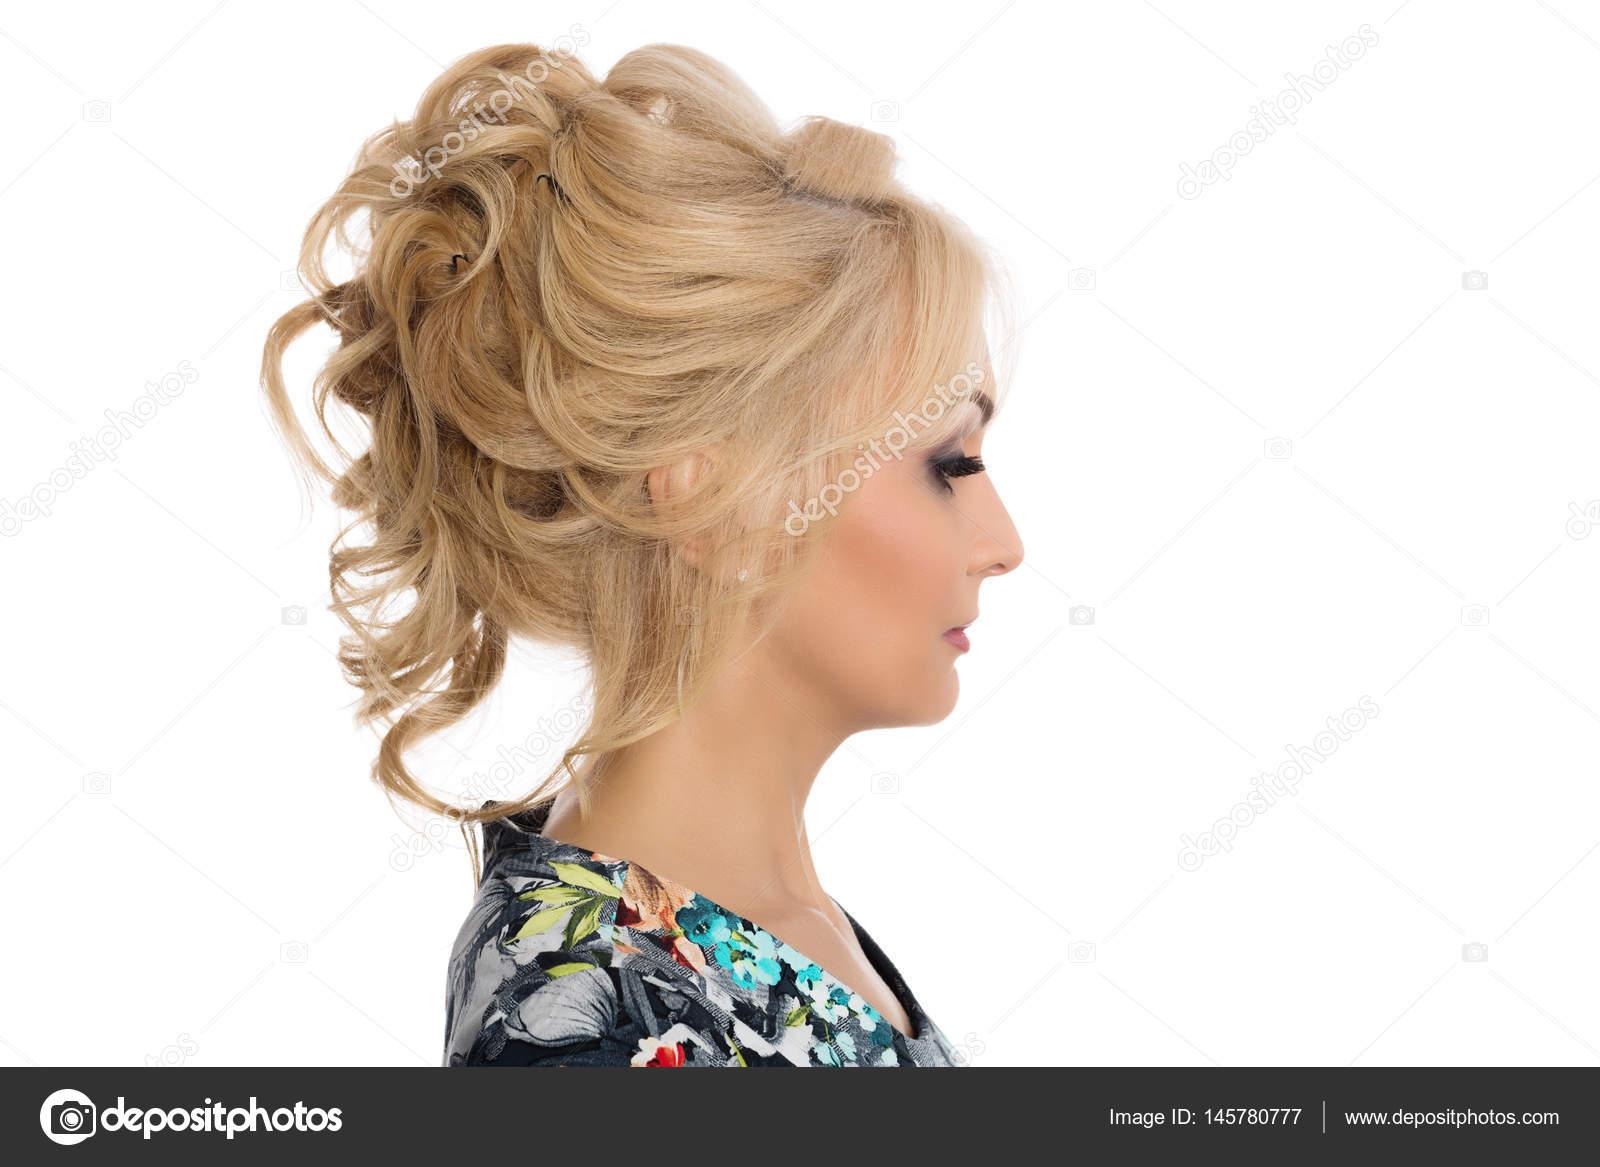 Madchen Frisur Modell Zeigt Im Profil Stockfoto C Stas K 145780777